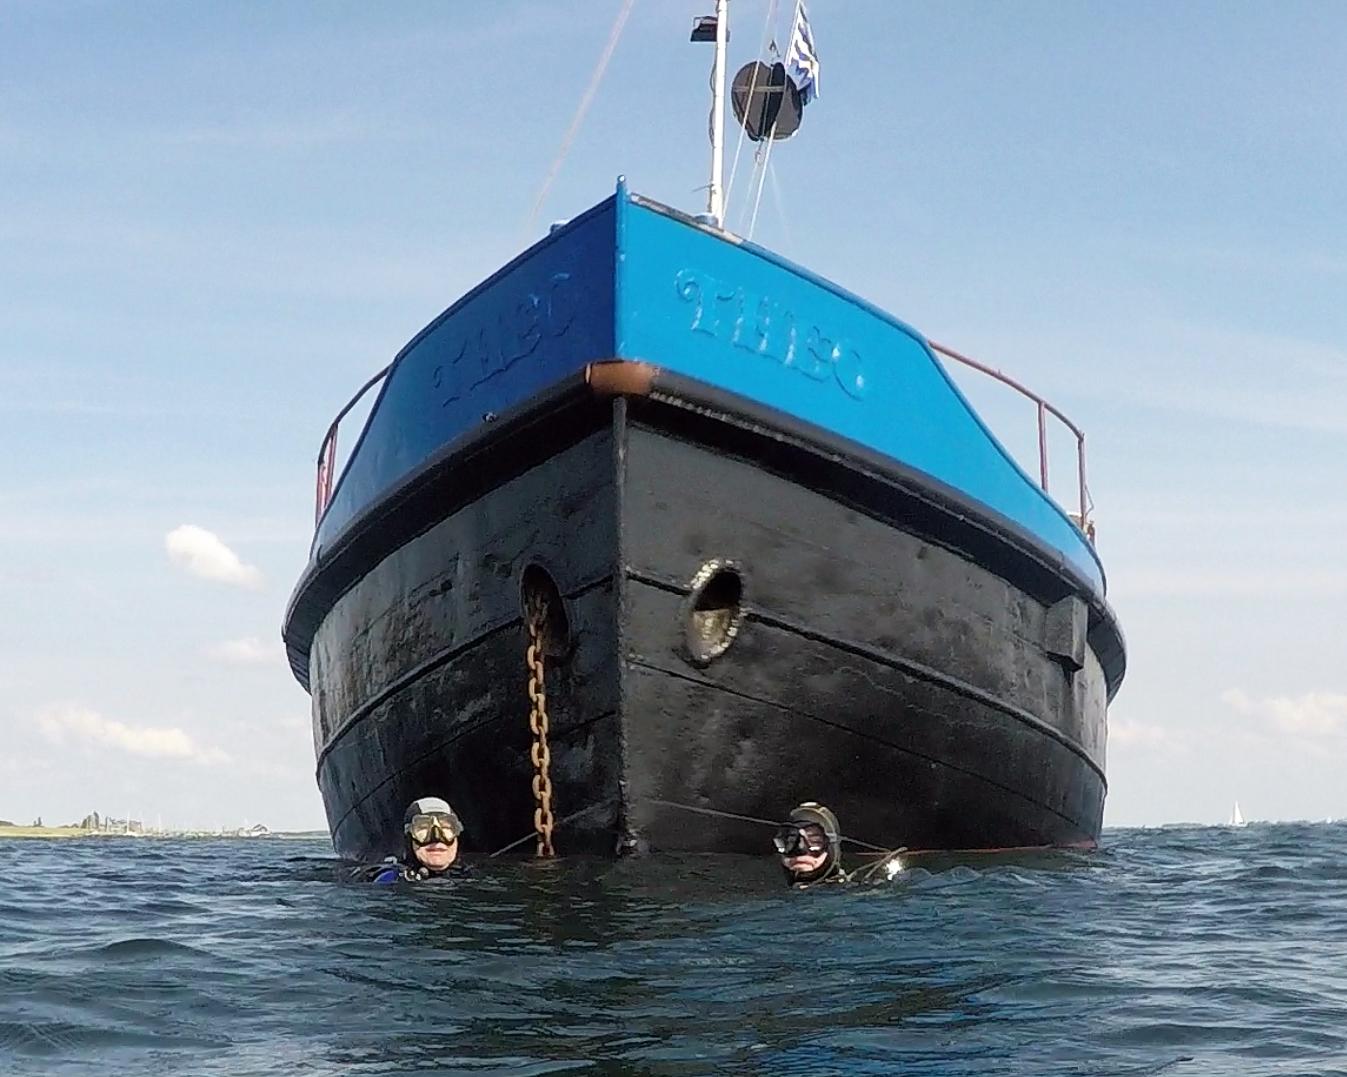 Dirk-Van-den-Bergh_20170806_schip2-53735